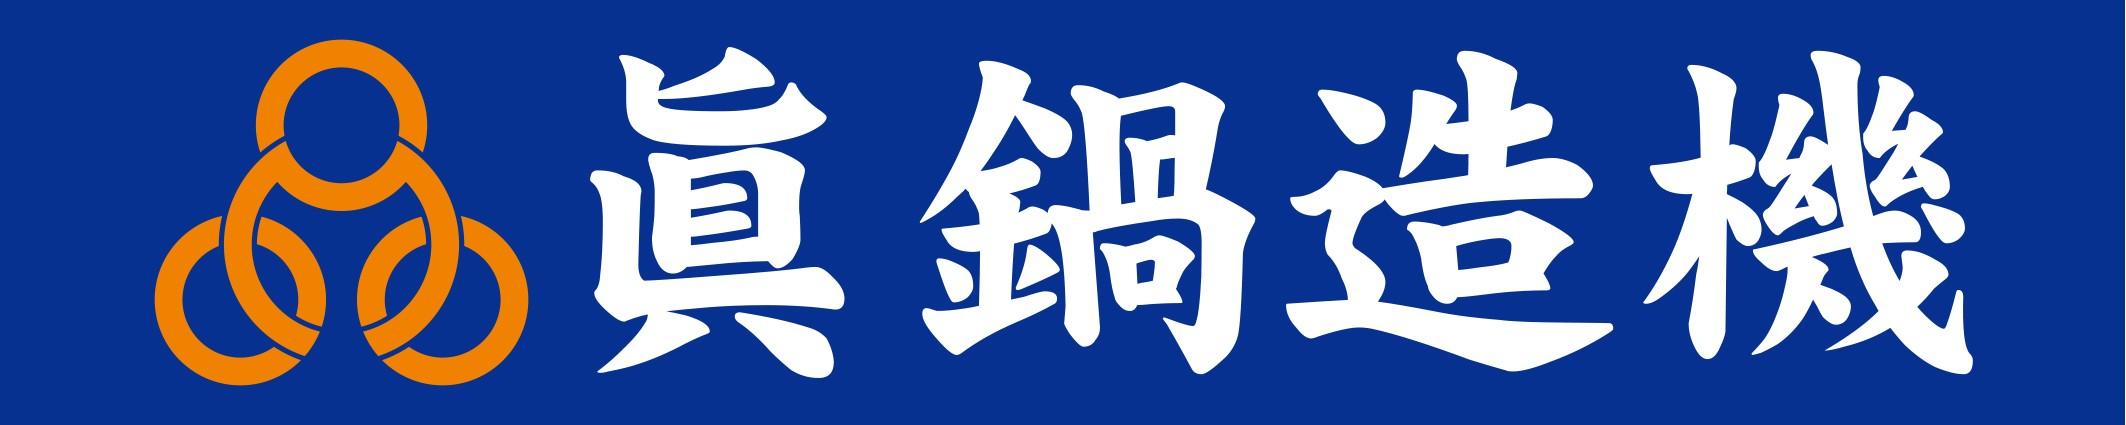 眞鍋造機株式会社